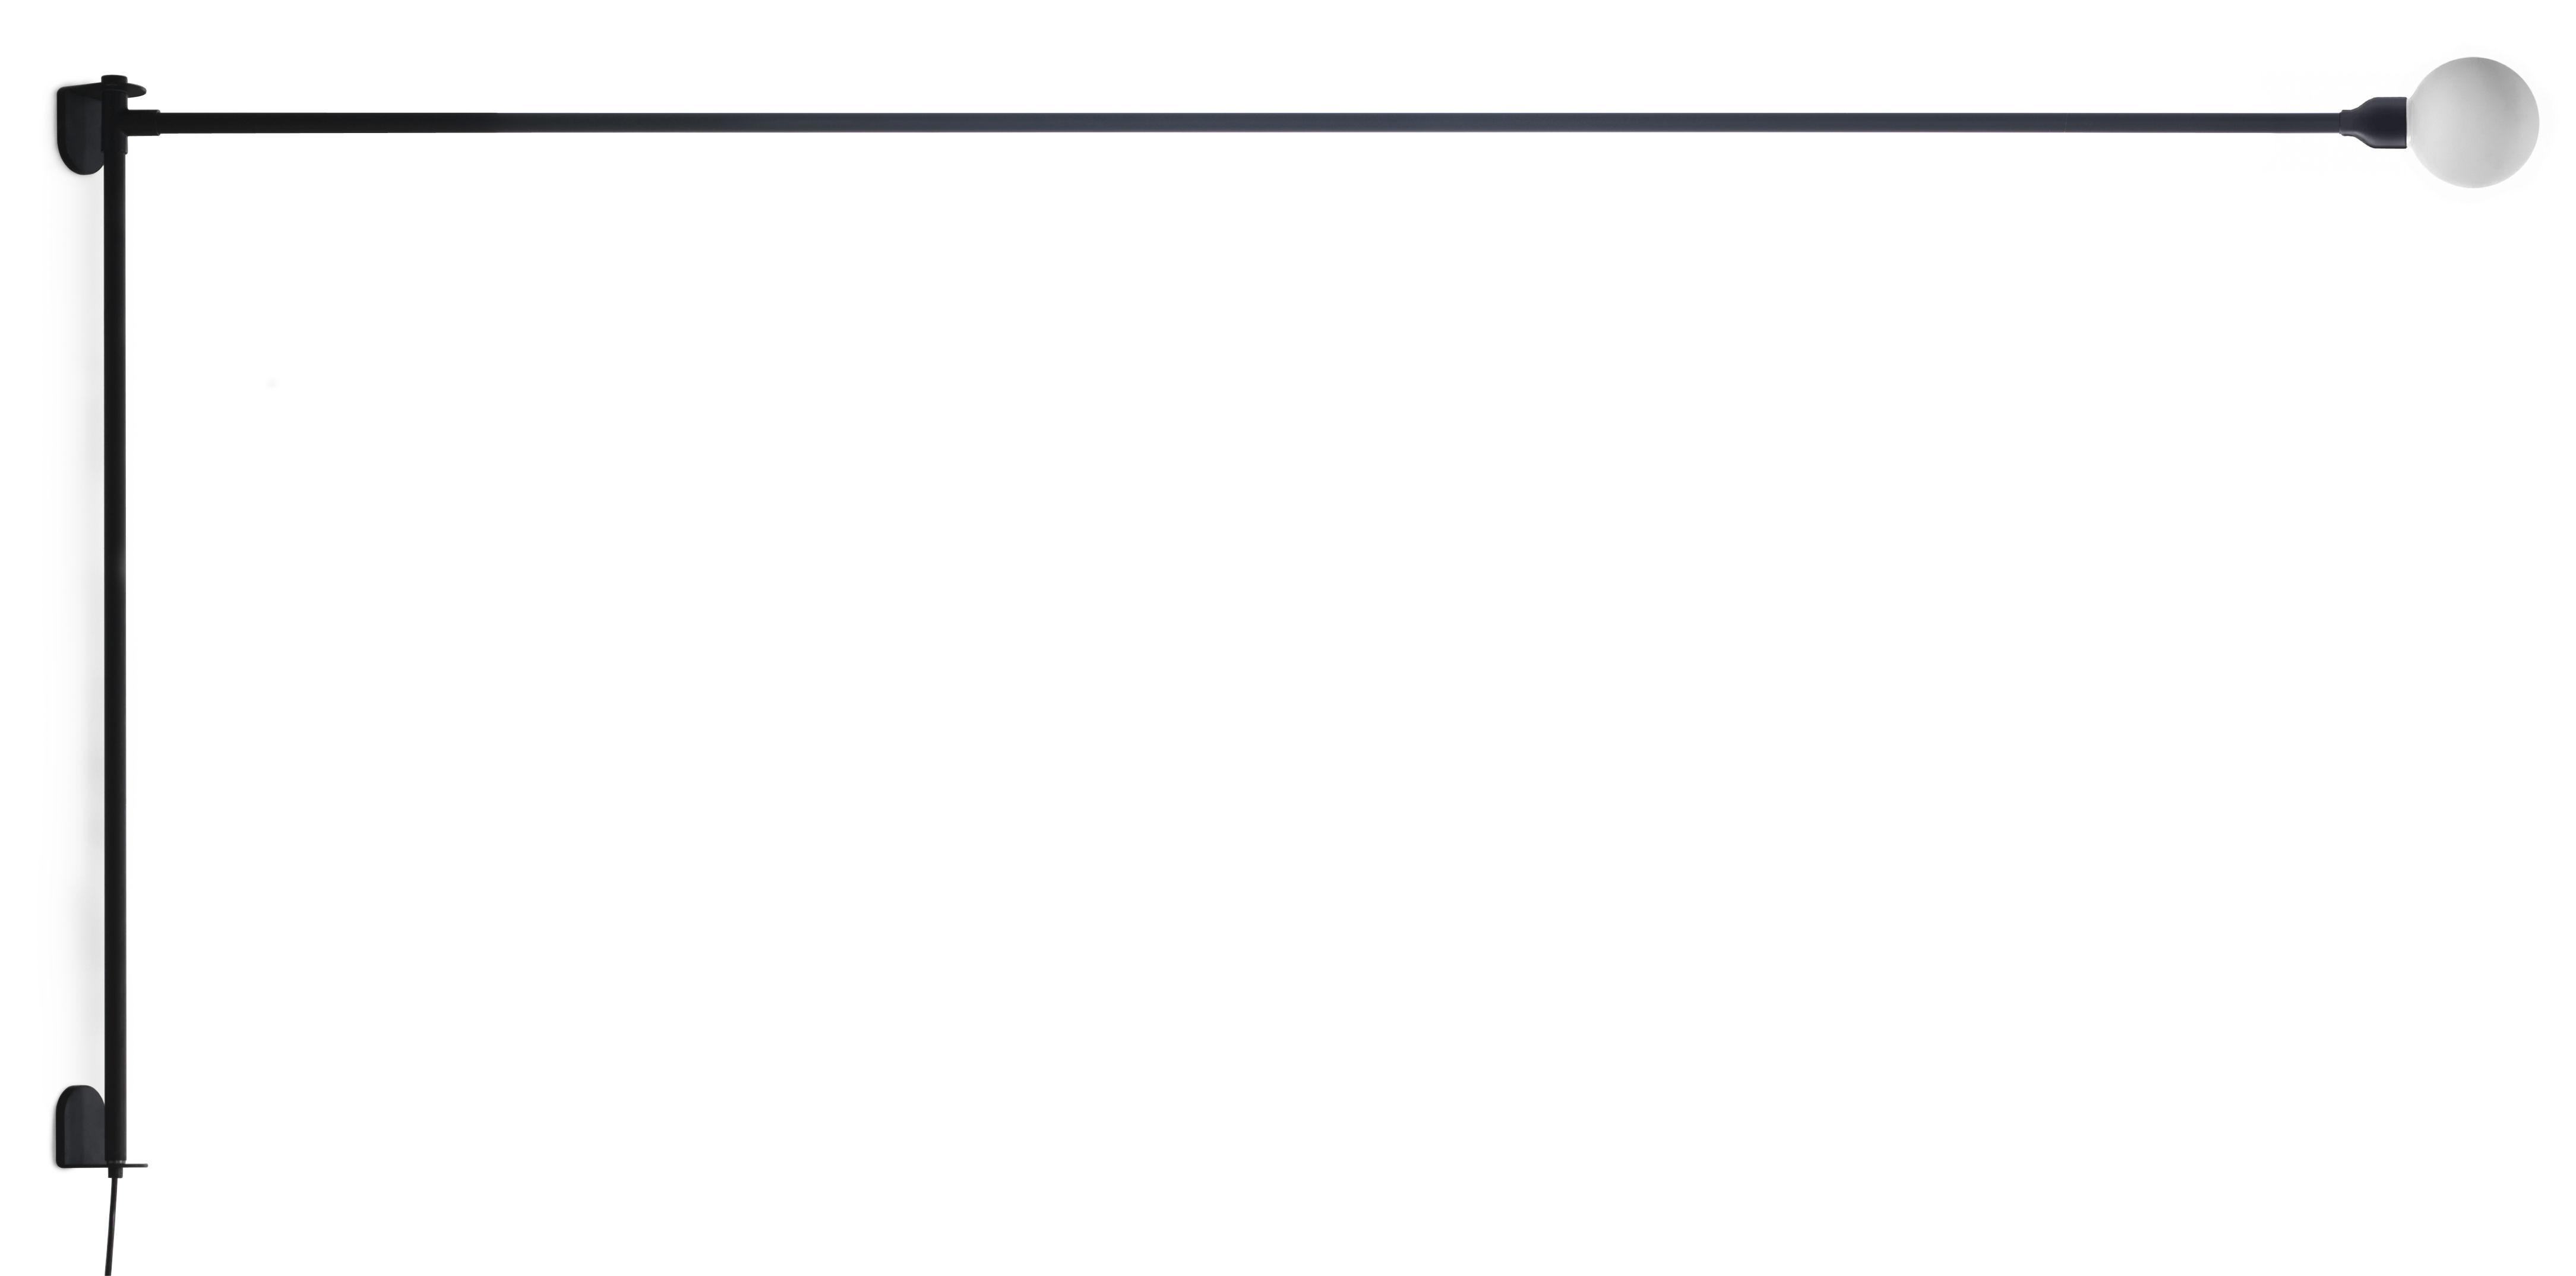 Luminaire - Appliques - Applique avec prise Potence pivotante by Charlotte Perriand / L 200 cm - Nemo - L 200 cm / Noir - Métal peint, Verre